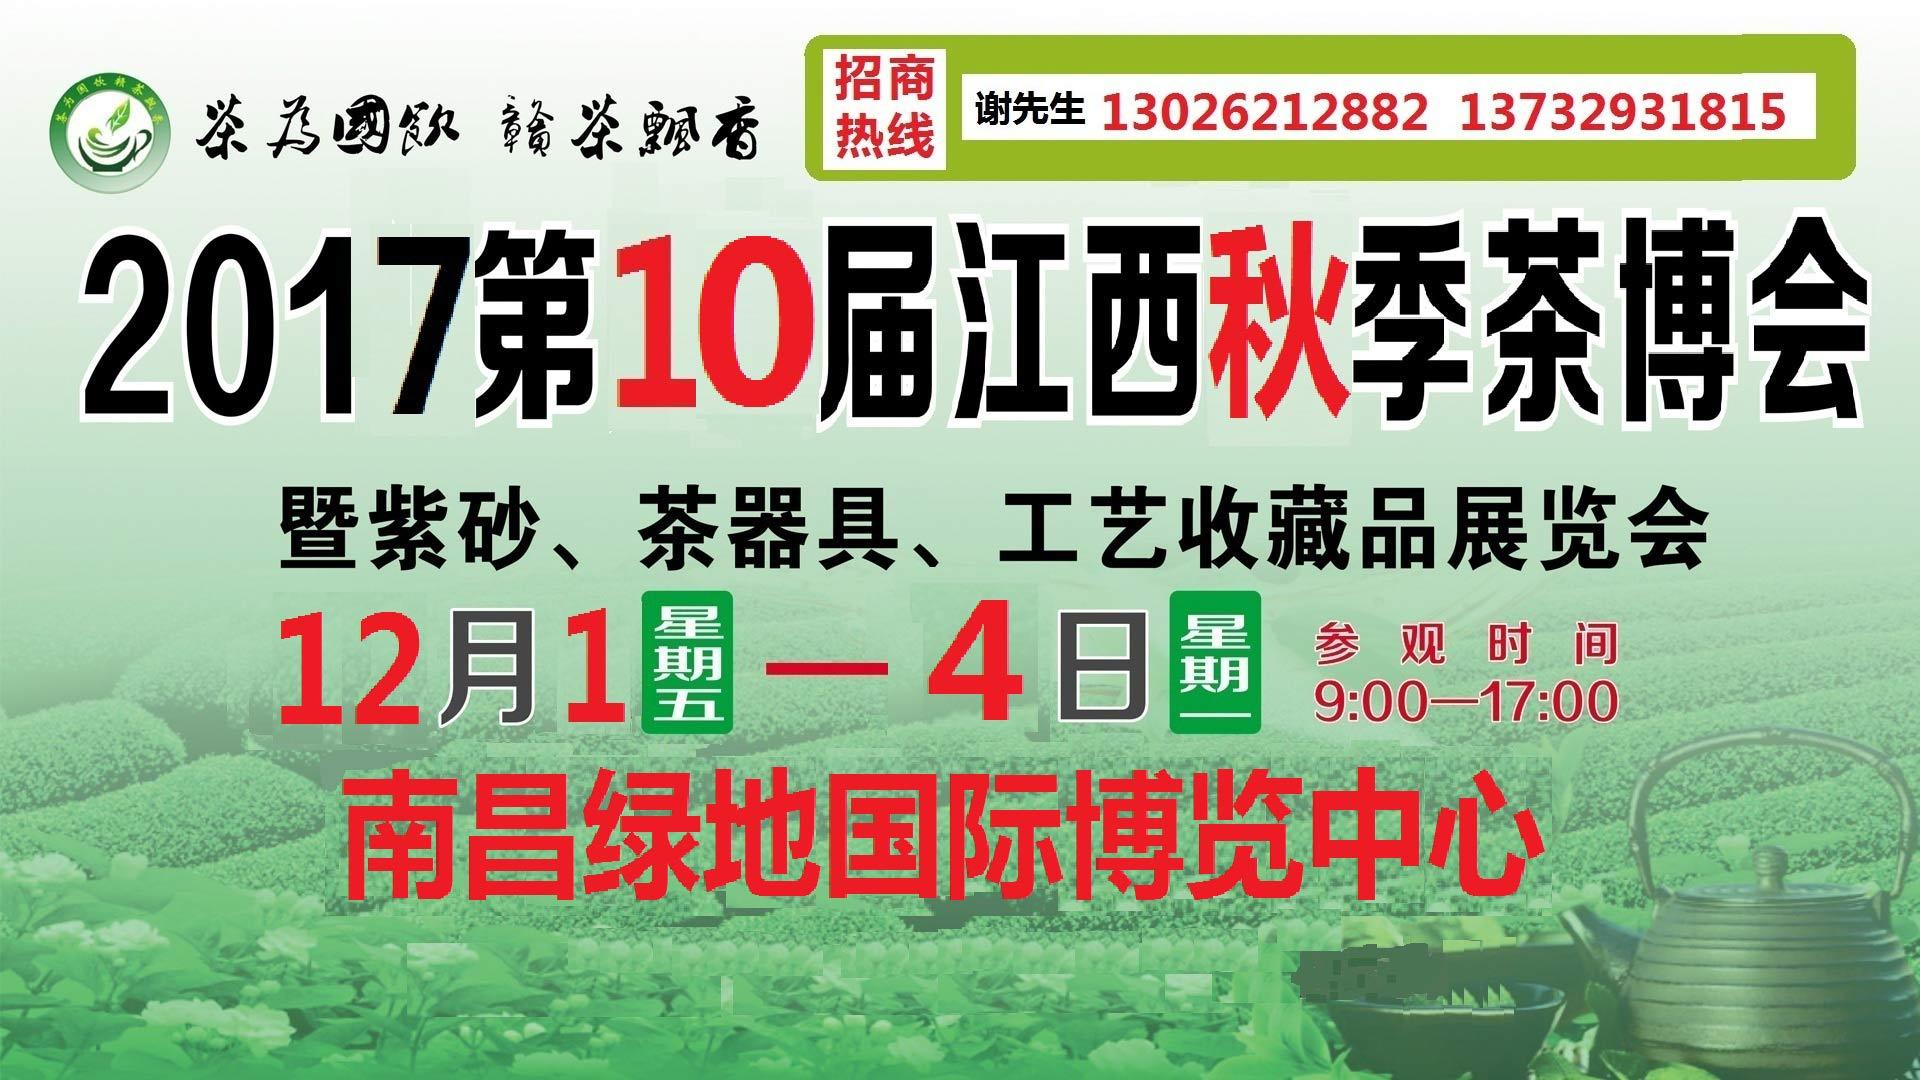 2017江西南昌茶博会暨第十届中国茶业茶文化展览会